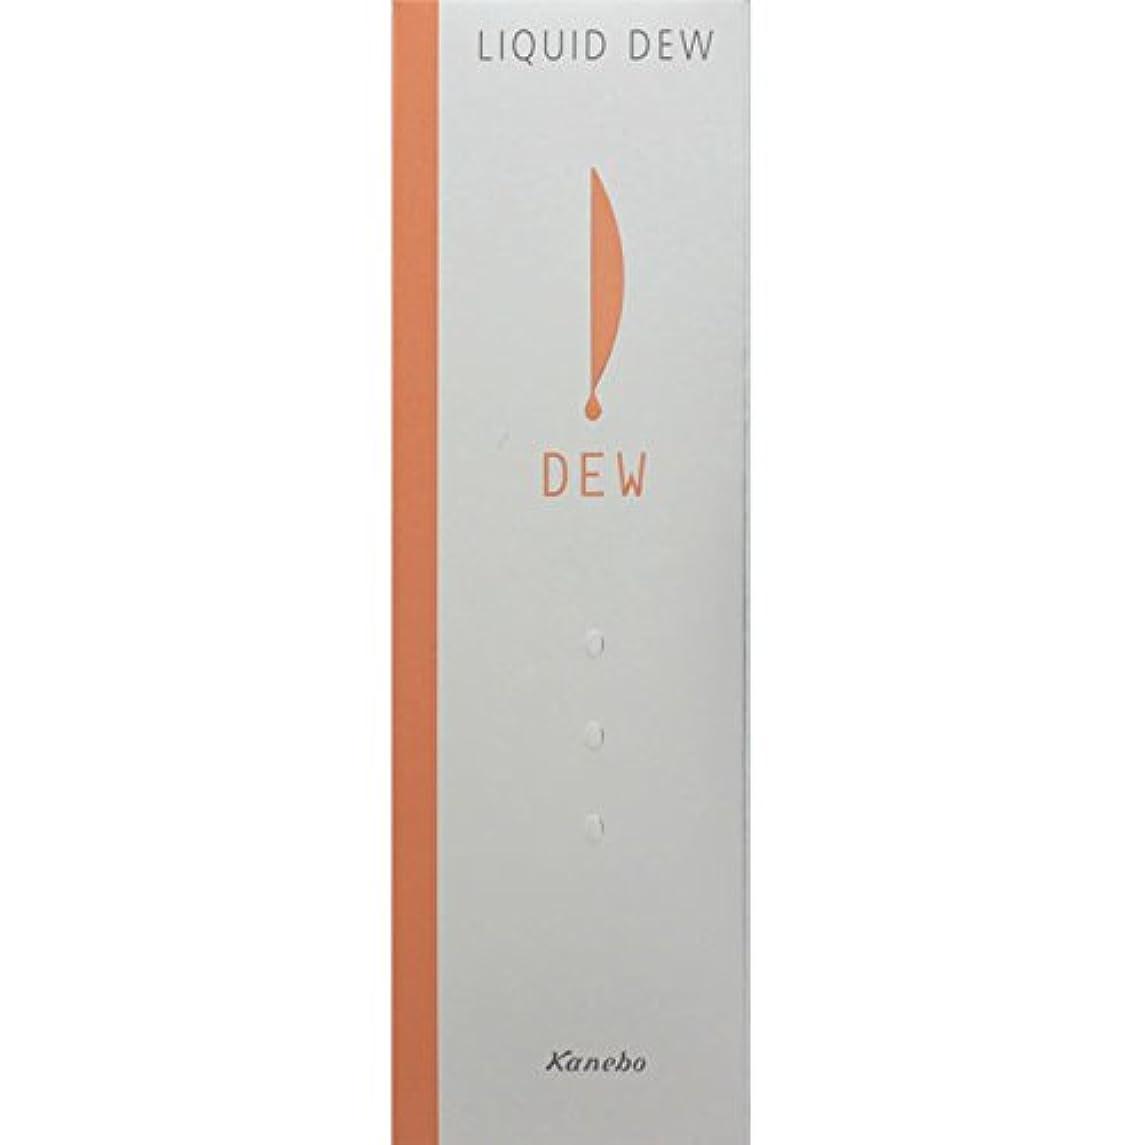 染料バイアスいくつかのカネボウ DEW リクイドデュウ【オークルB】(保湿液?ファンデーション